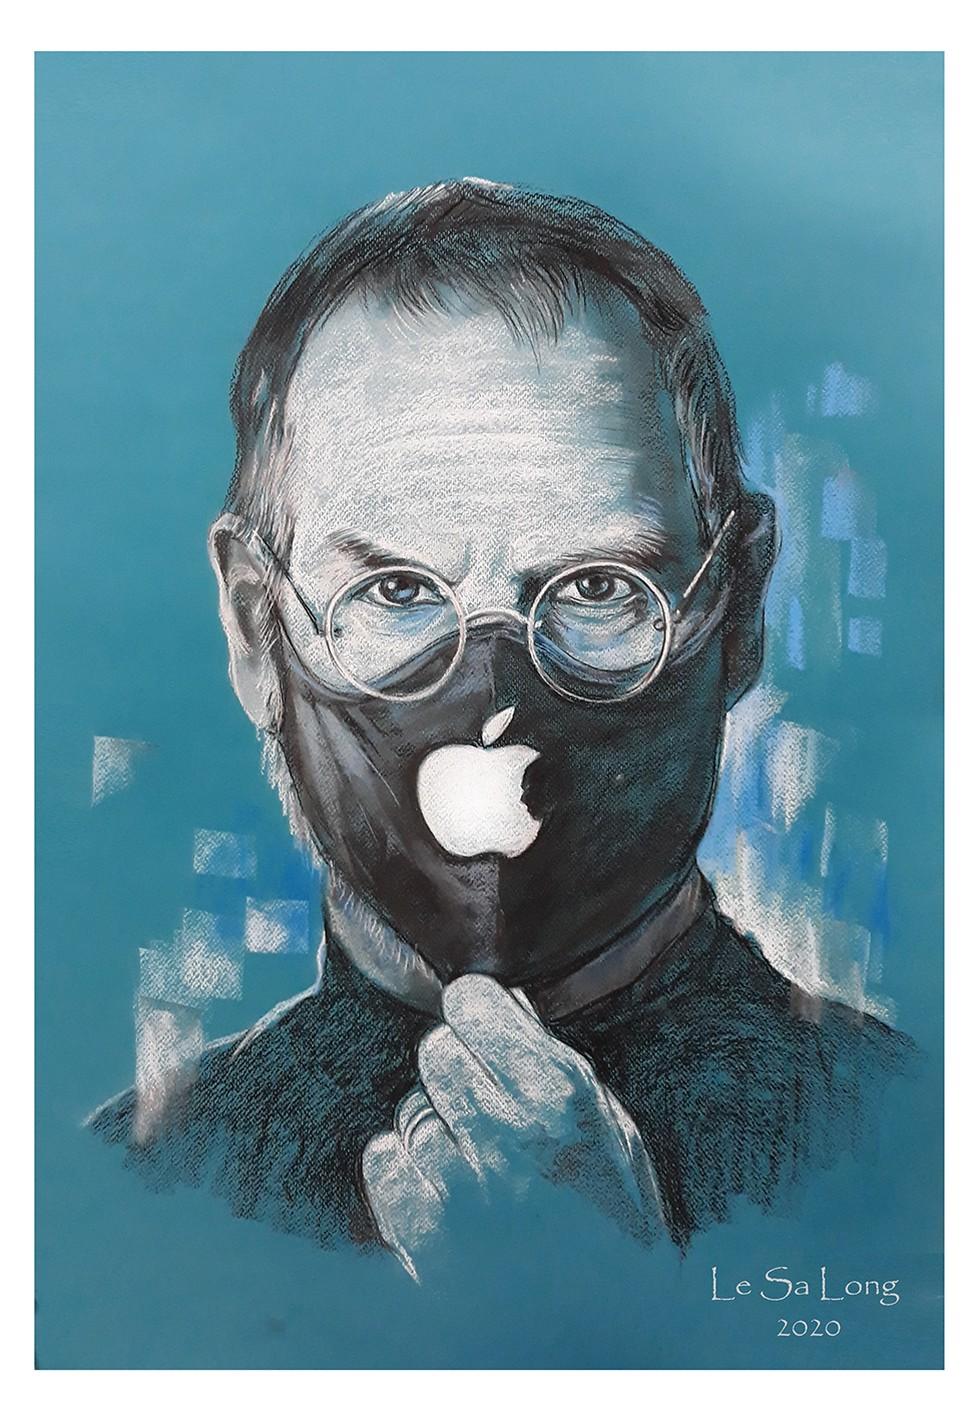 Tranh vẽ doanh nhân Steve Jobs - người truyền cảm hứng cho nhiều nhà thiết kế thế giới (ẢNH: NVCC)